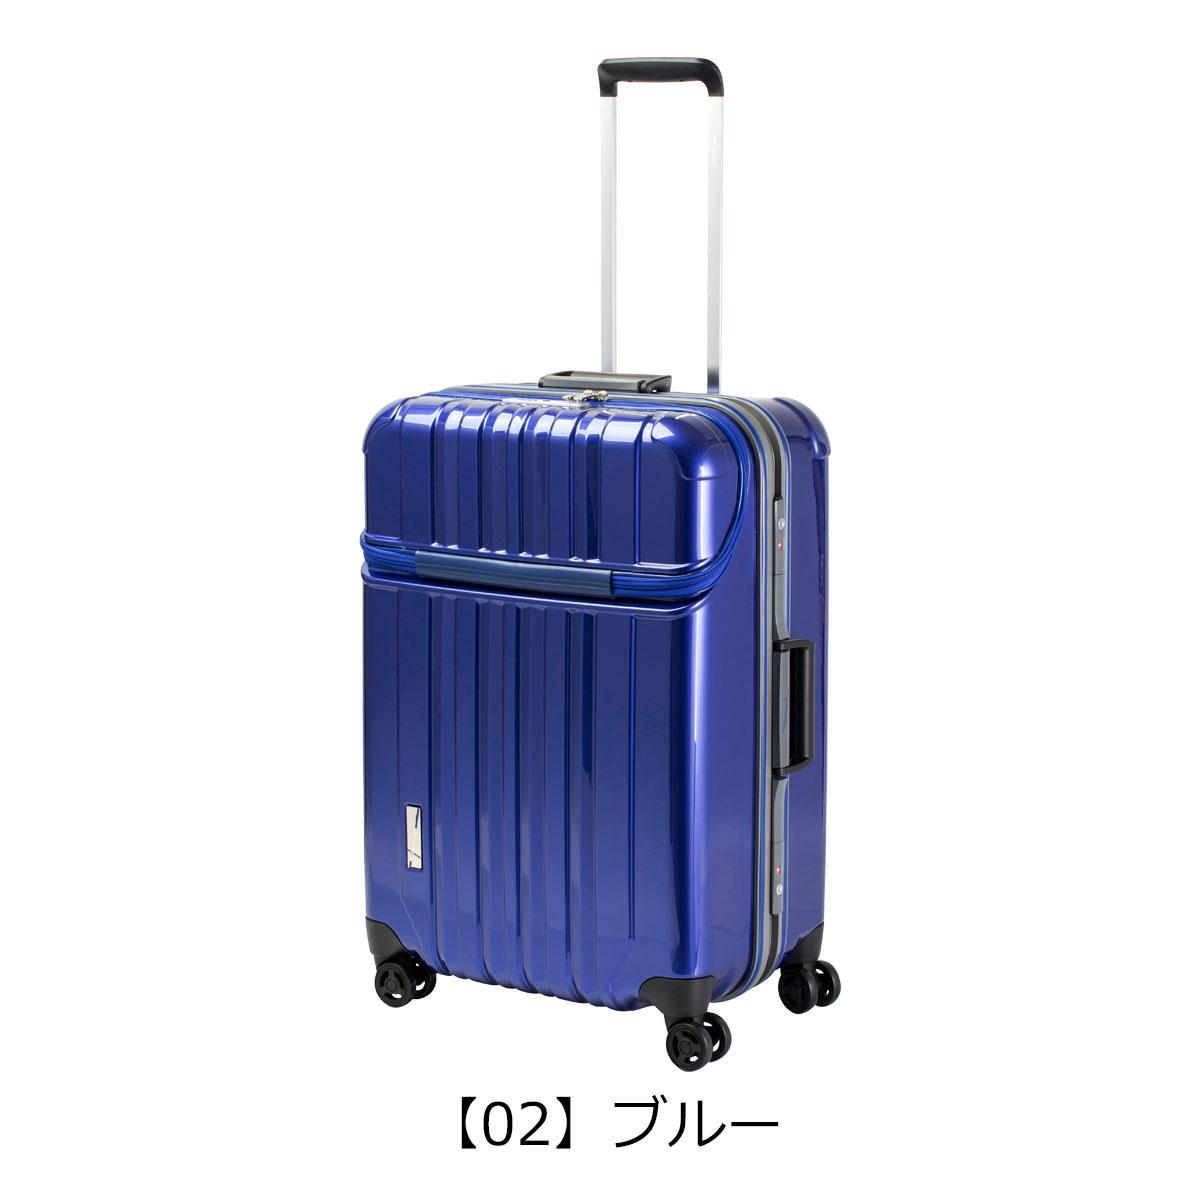 【02】ブルー